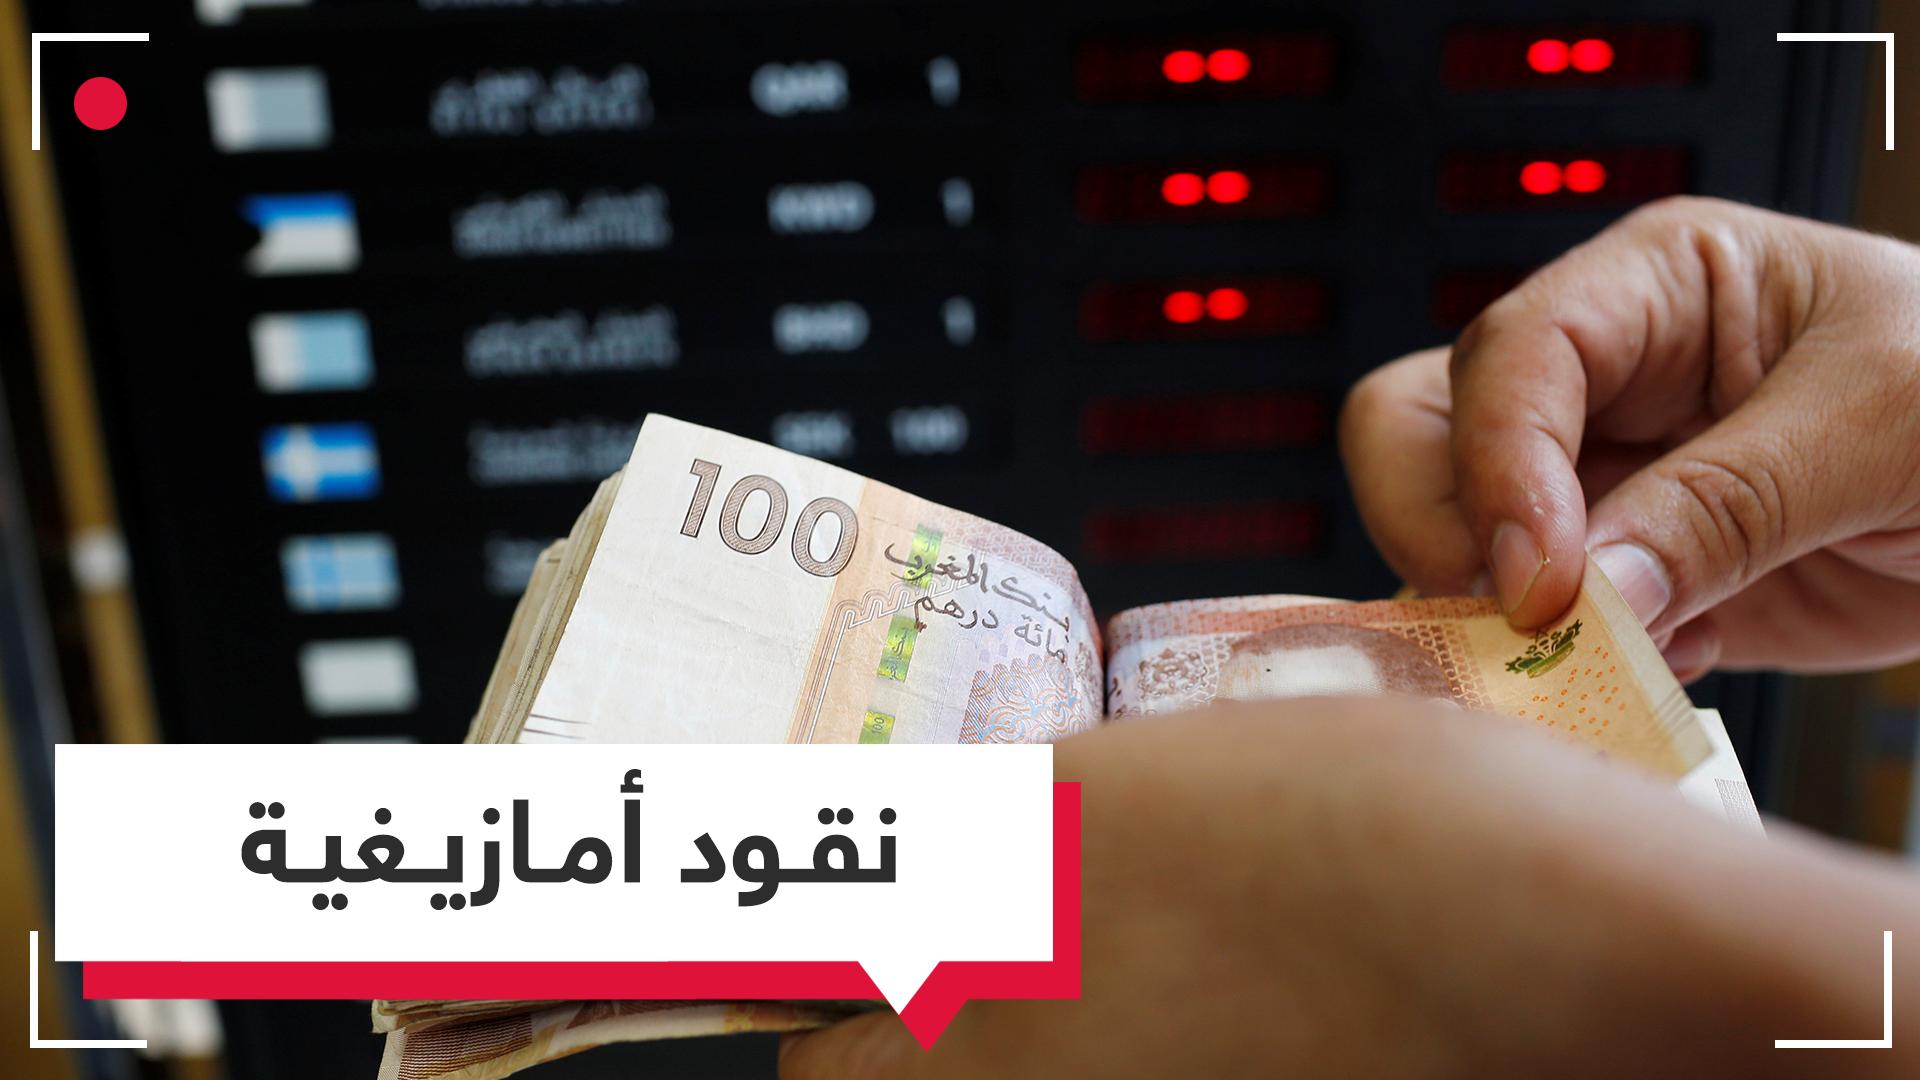 قريبا..  الأمازيغية لغة للتعامل النقدي في المغرب؟